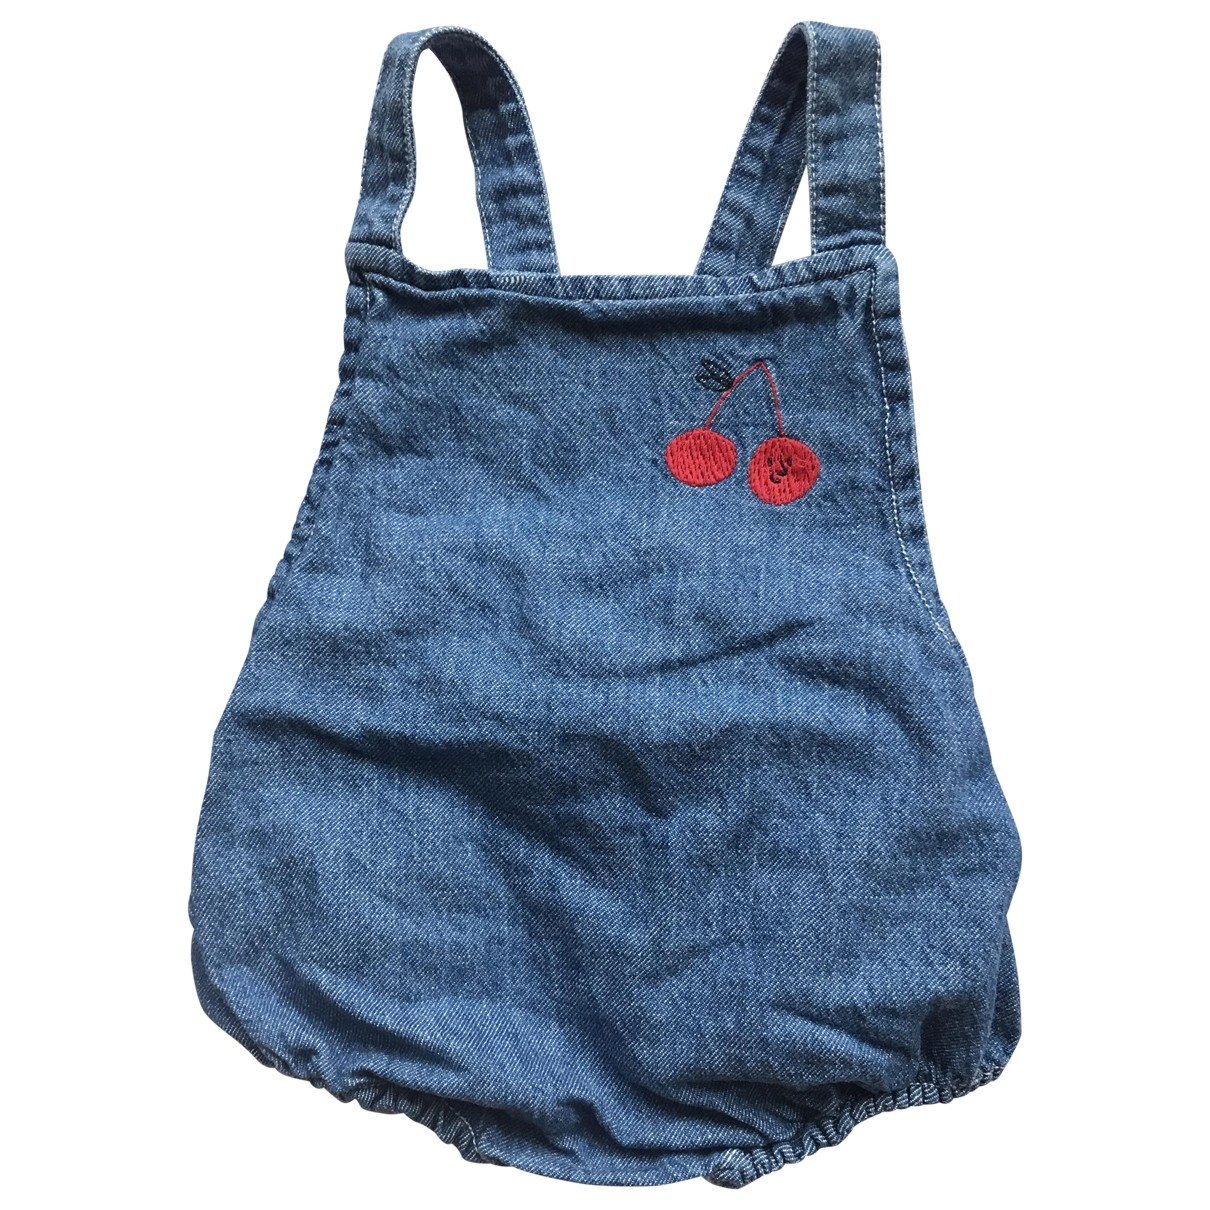 Bobo Choses - Pantalon   pour enfant en denim - bleu